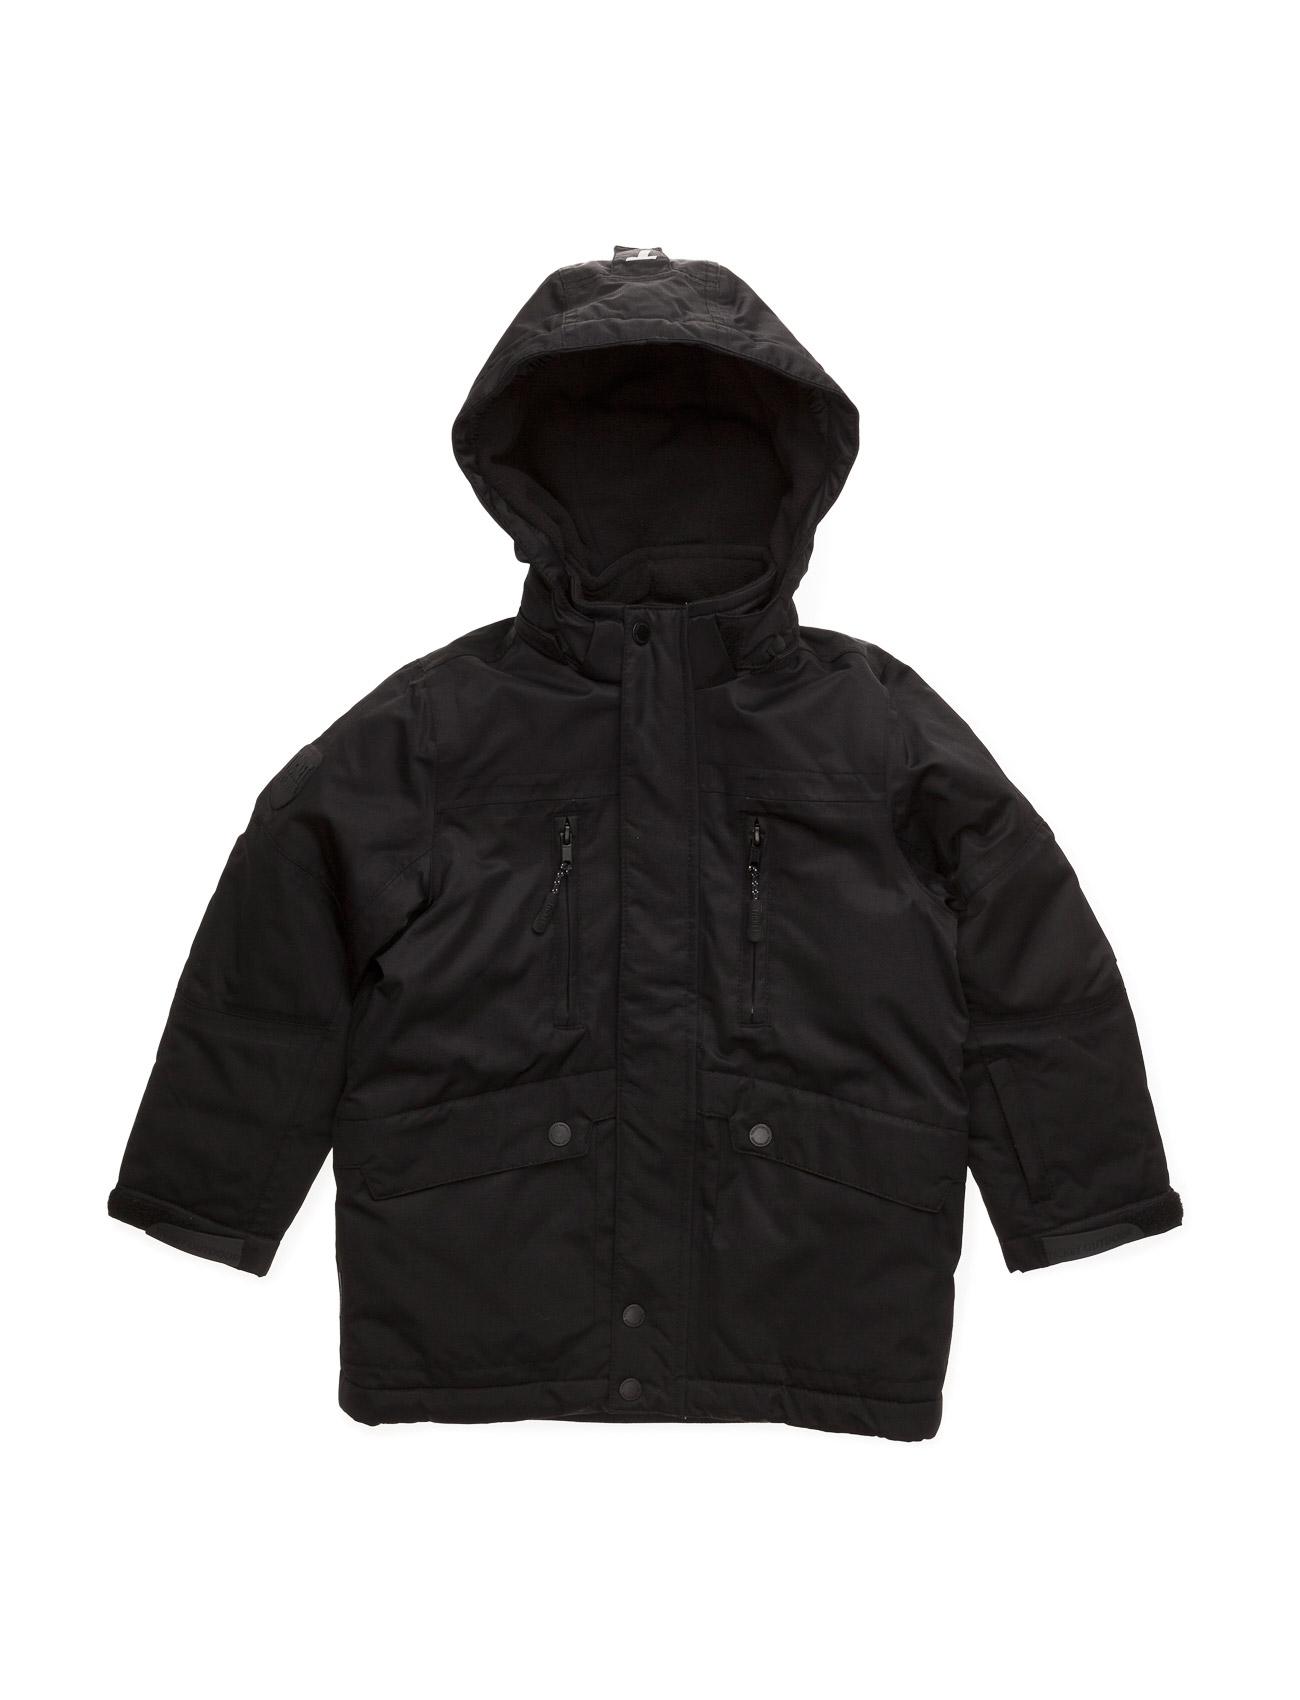 Adriel Jacket